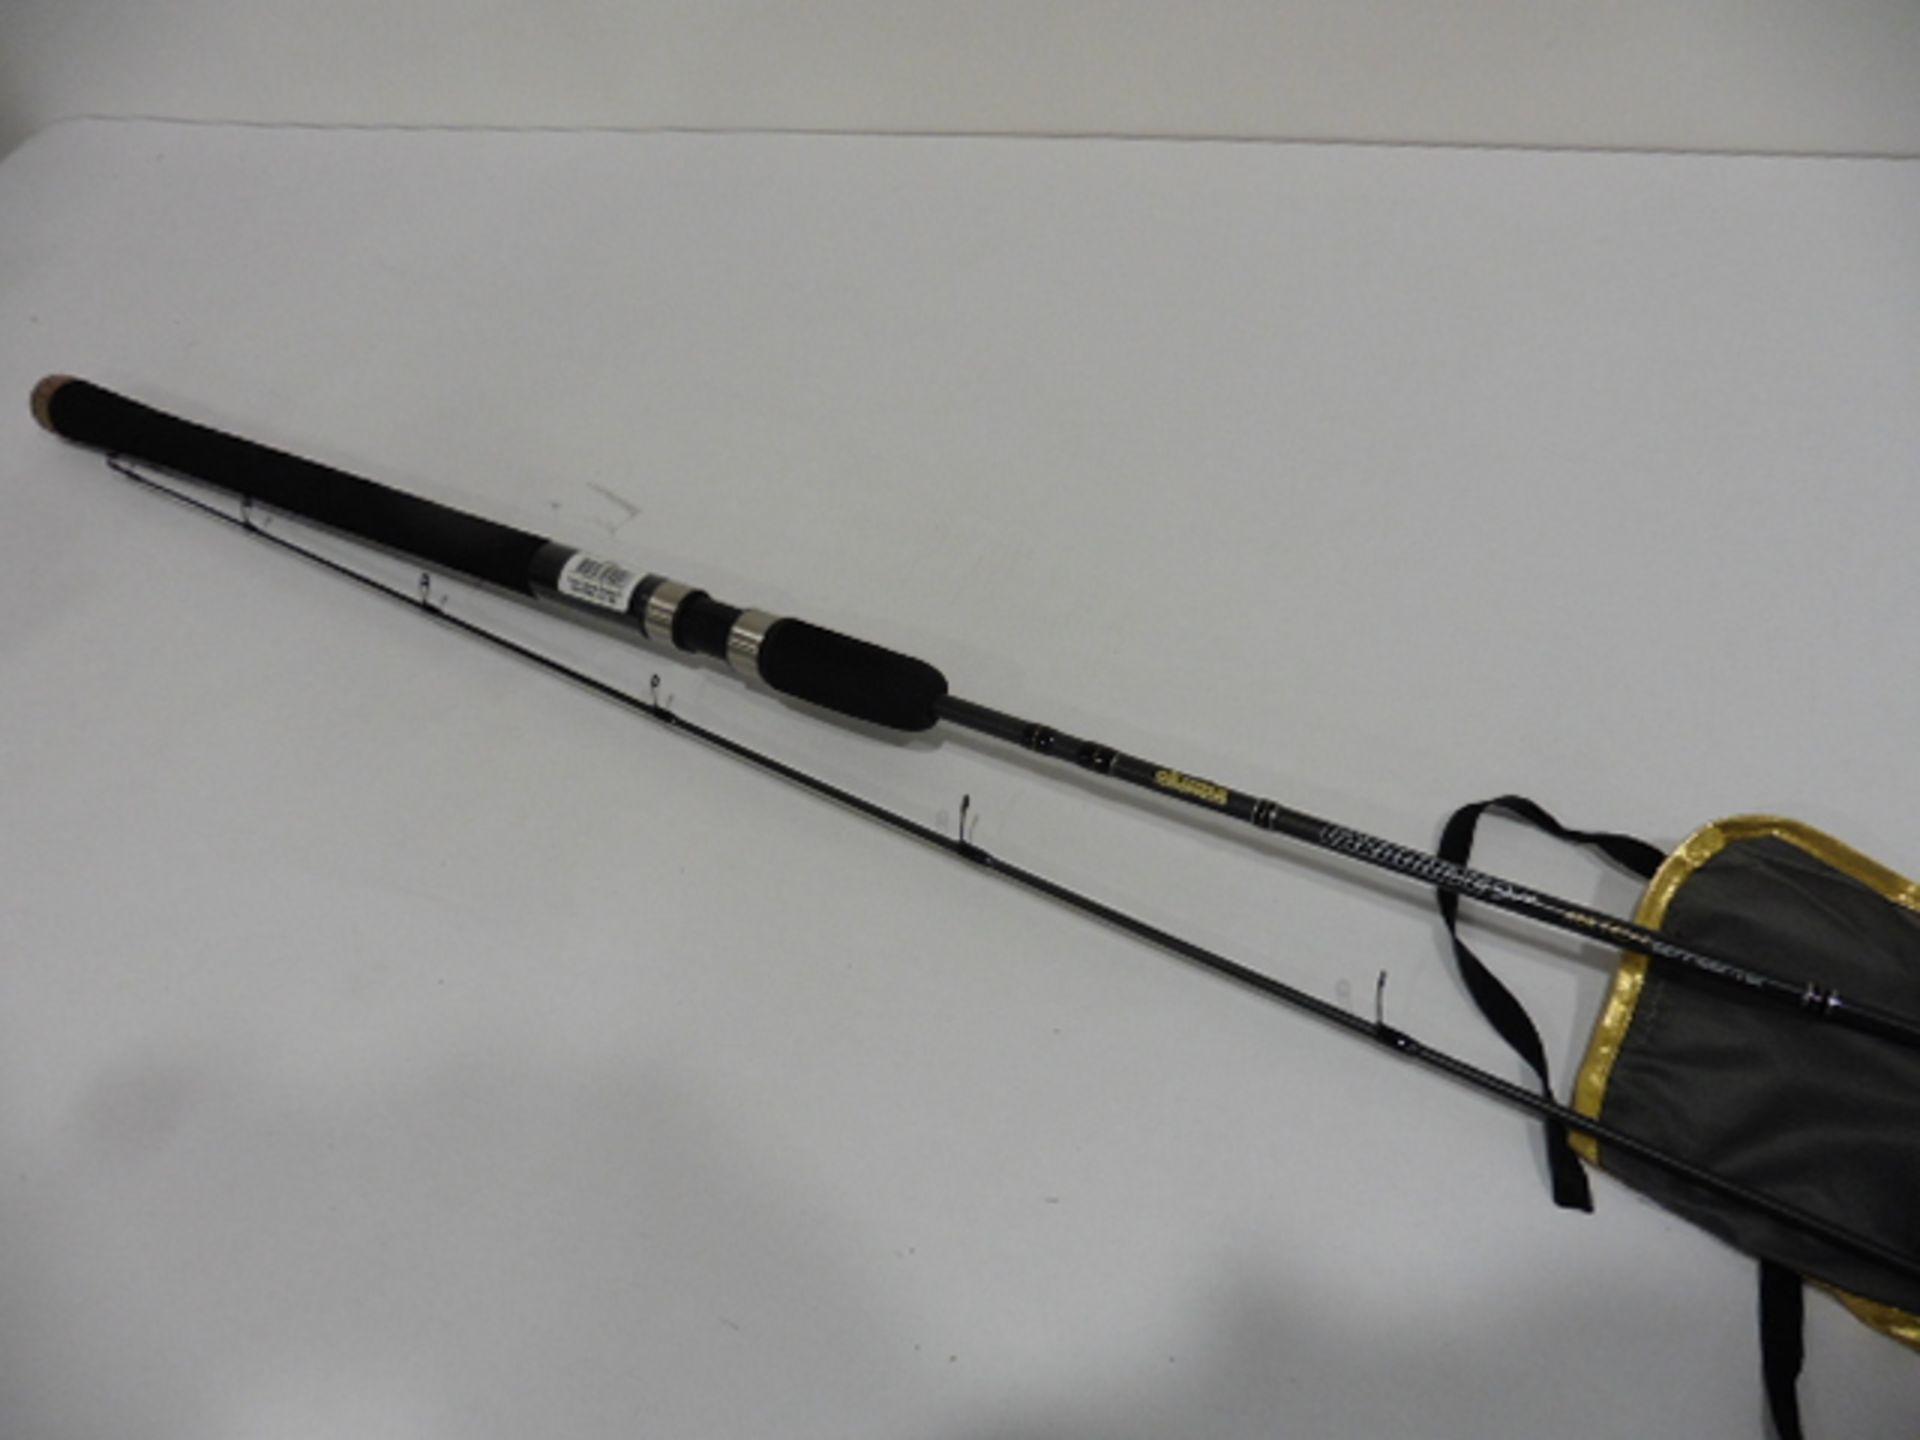 Okuma Carbonite slim 8ft feeder rod